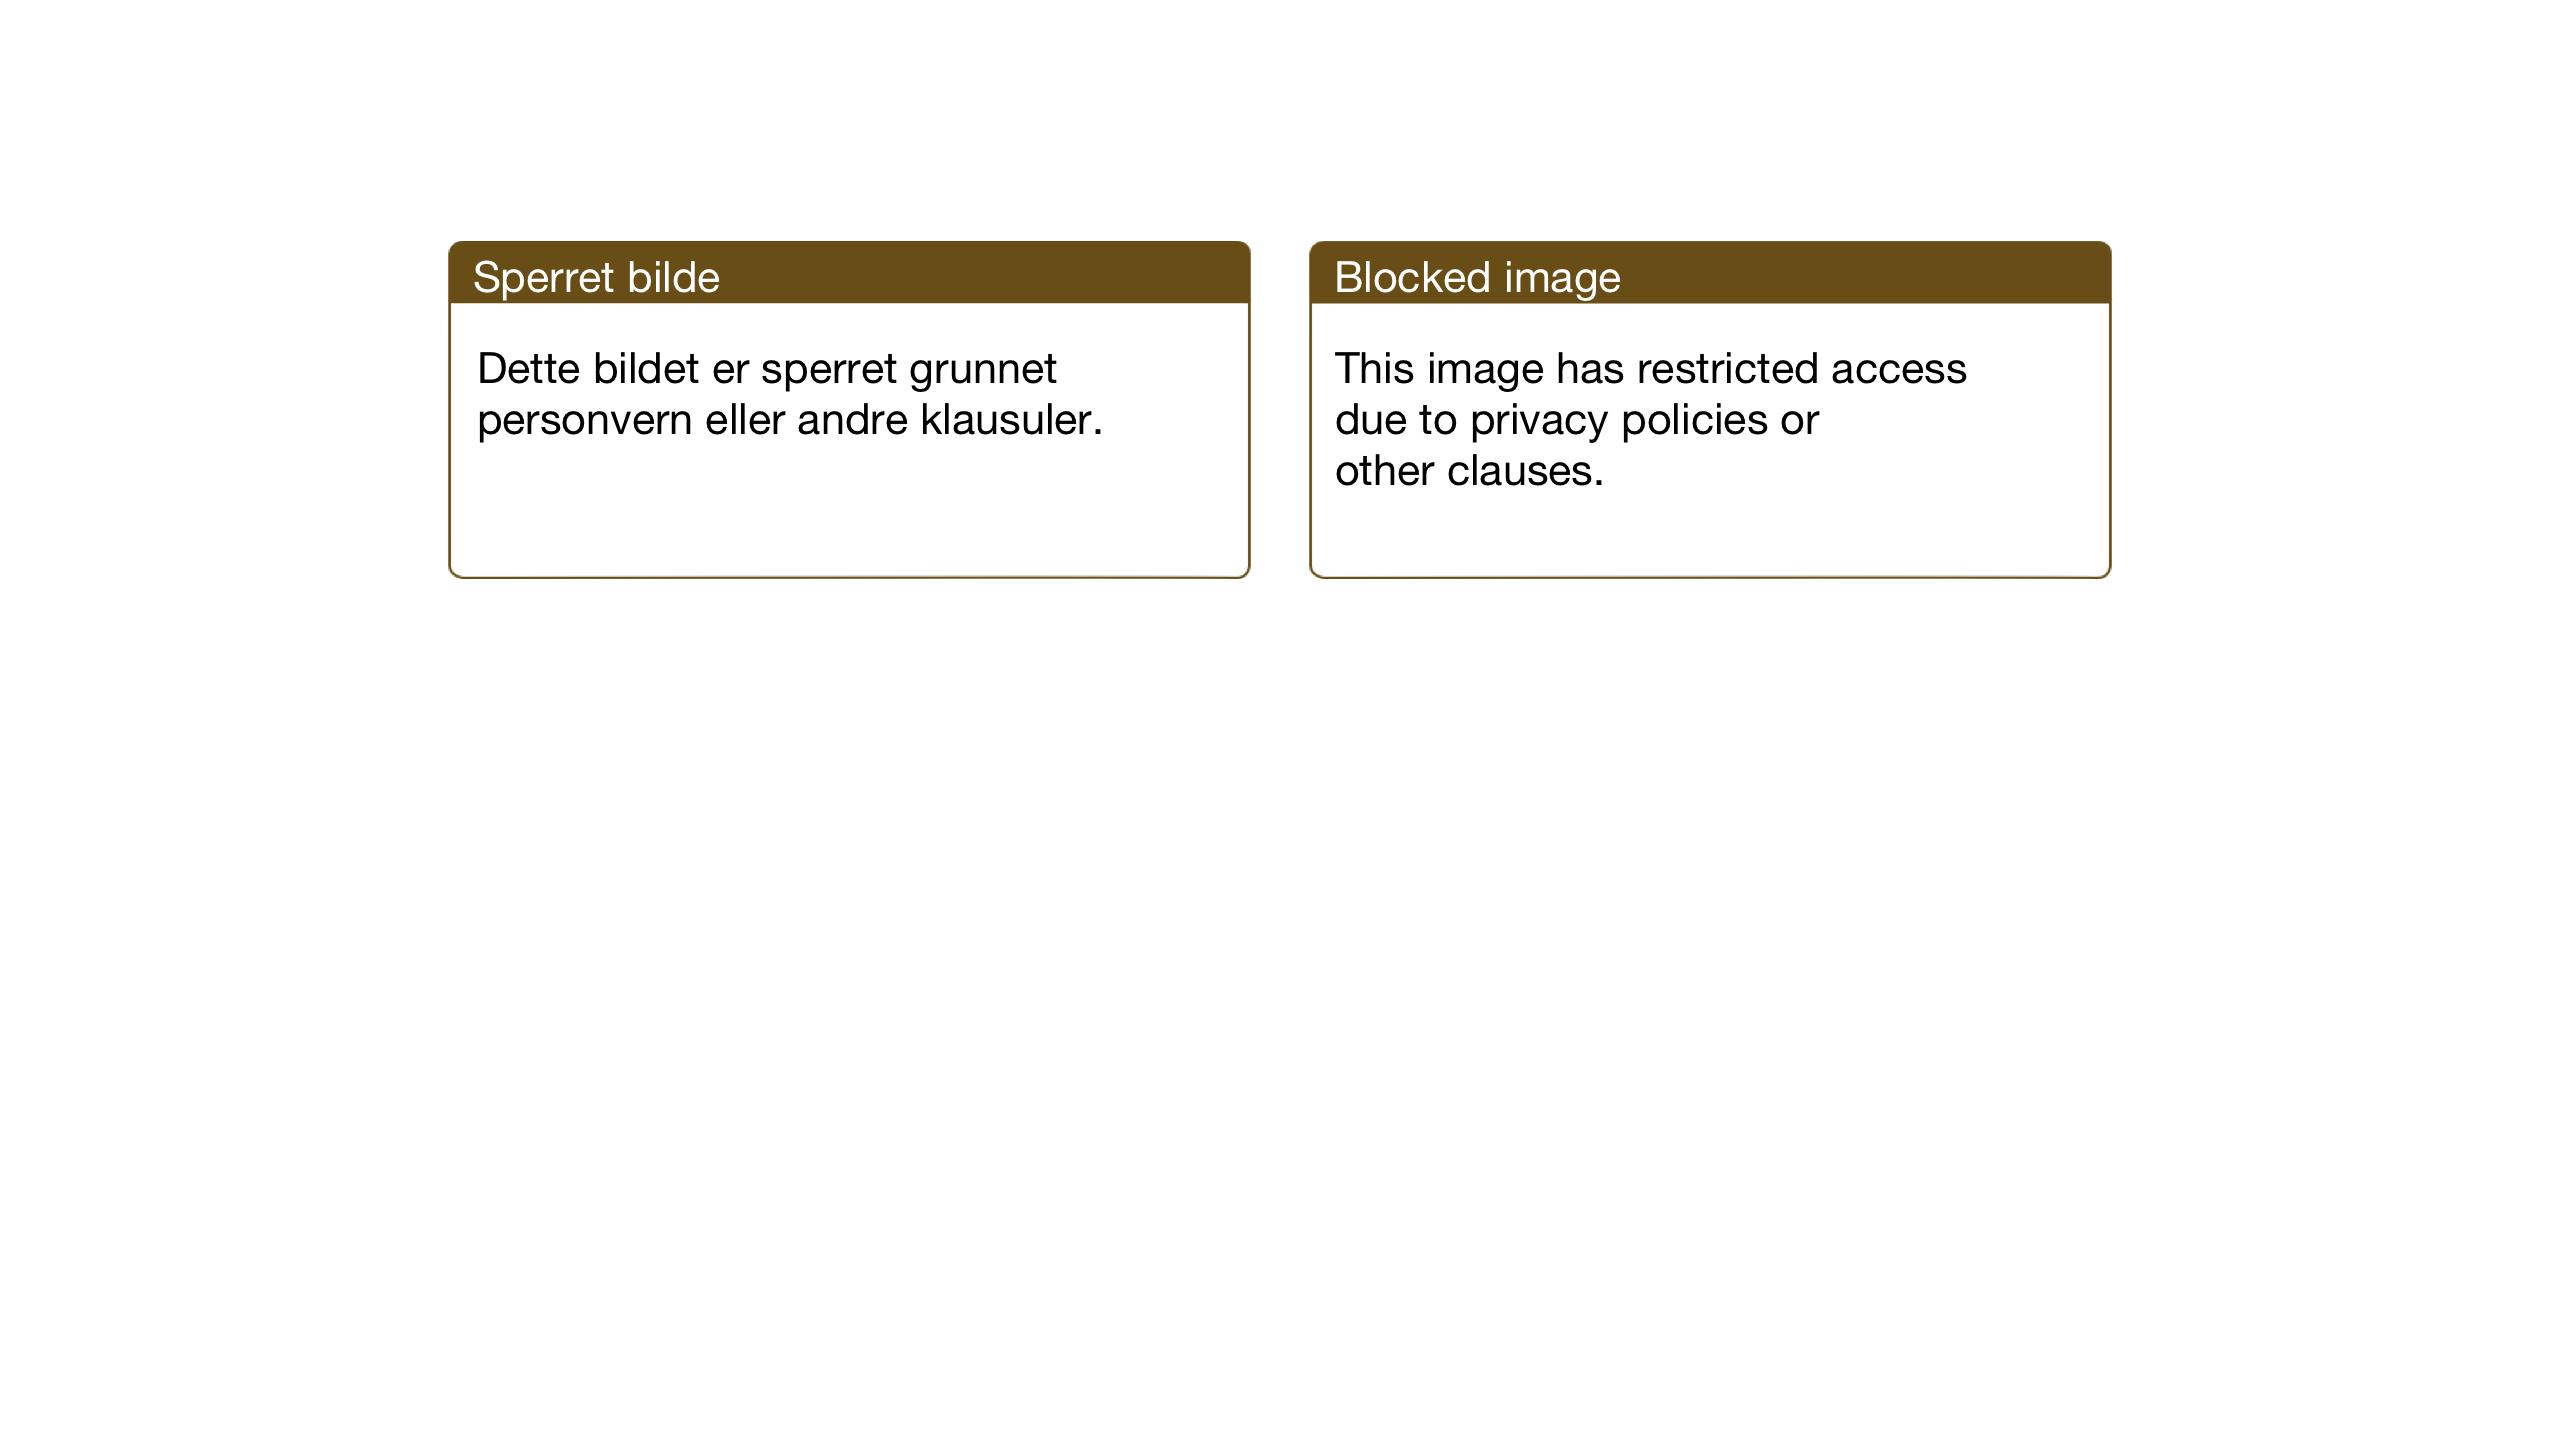 SAT, Ministerialprotokoller, klokkerbøker og fødselsregistre - Sør-Trøndelag, 617/L0431: Klokkerbok nr. 617C02, 1910-1936, s. 92